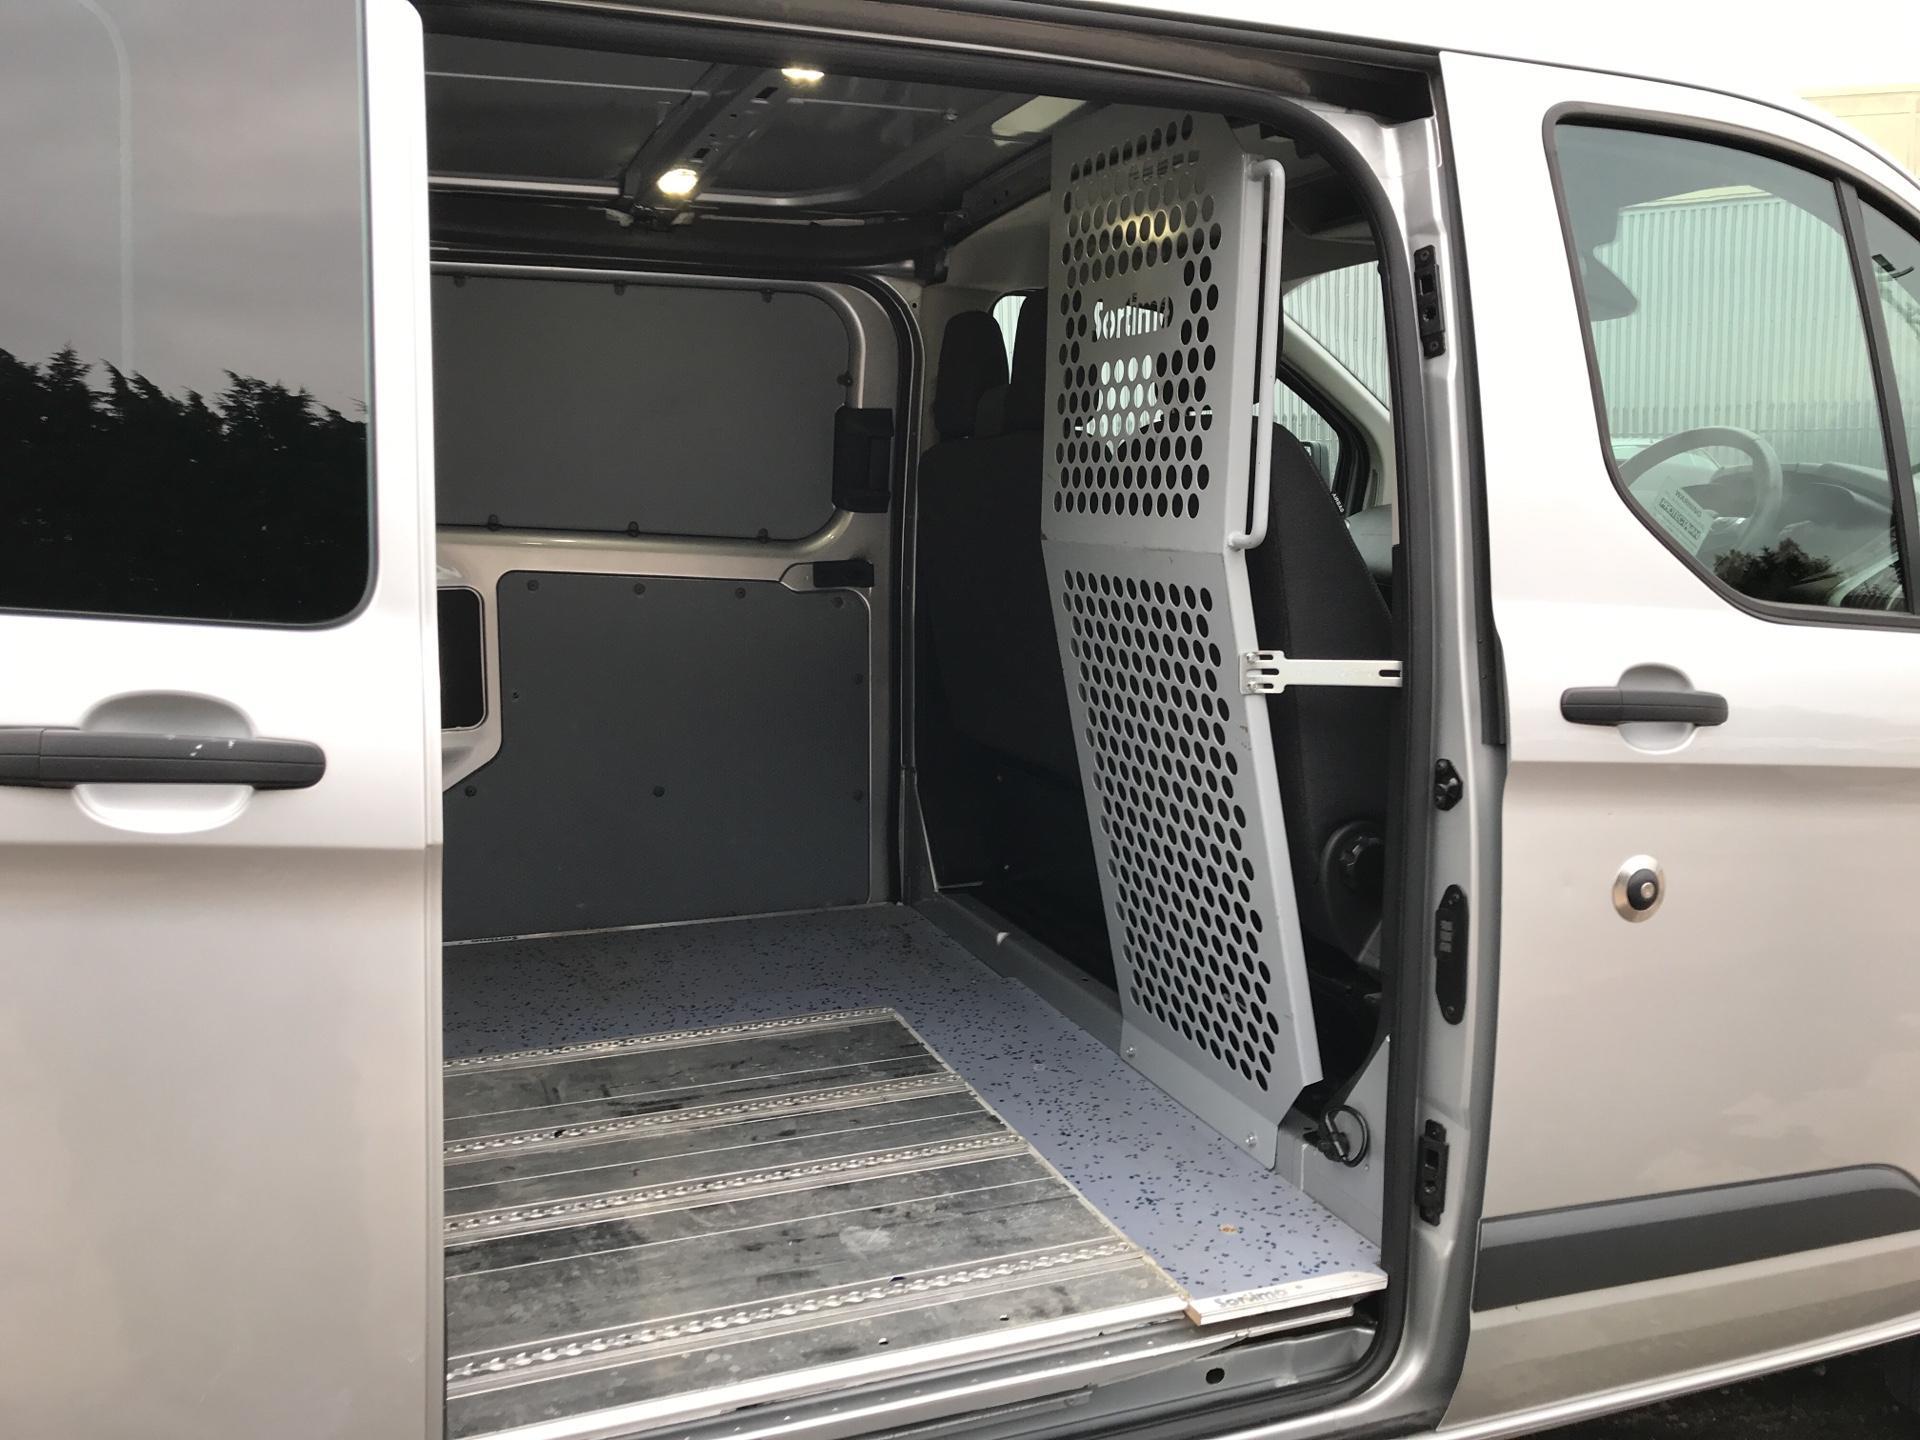 2014 Ford Transit Custom 330 L2 DIESEL FWD 2.2 TDCI 125PS LOW ROOF TREND VAN EURO 5 (YK64GDE) Image 26